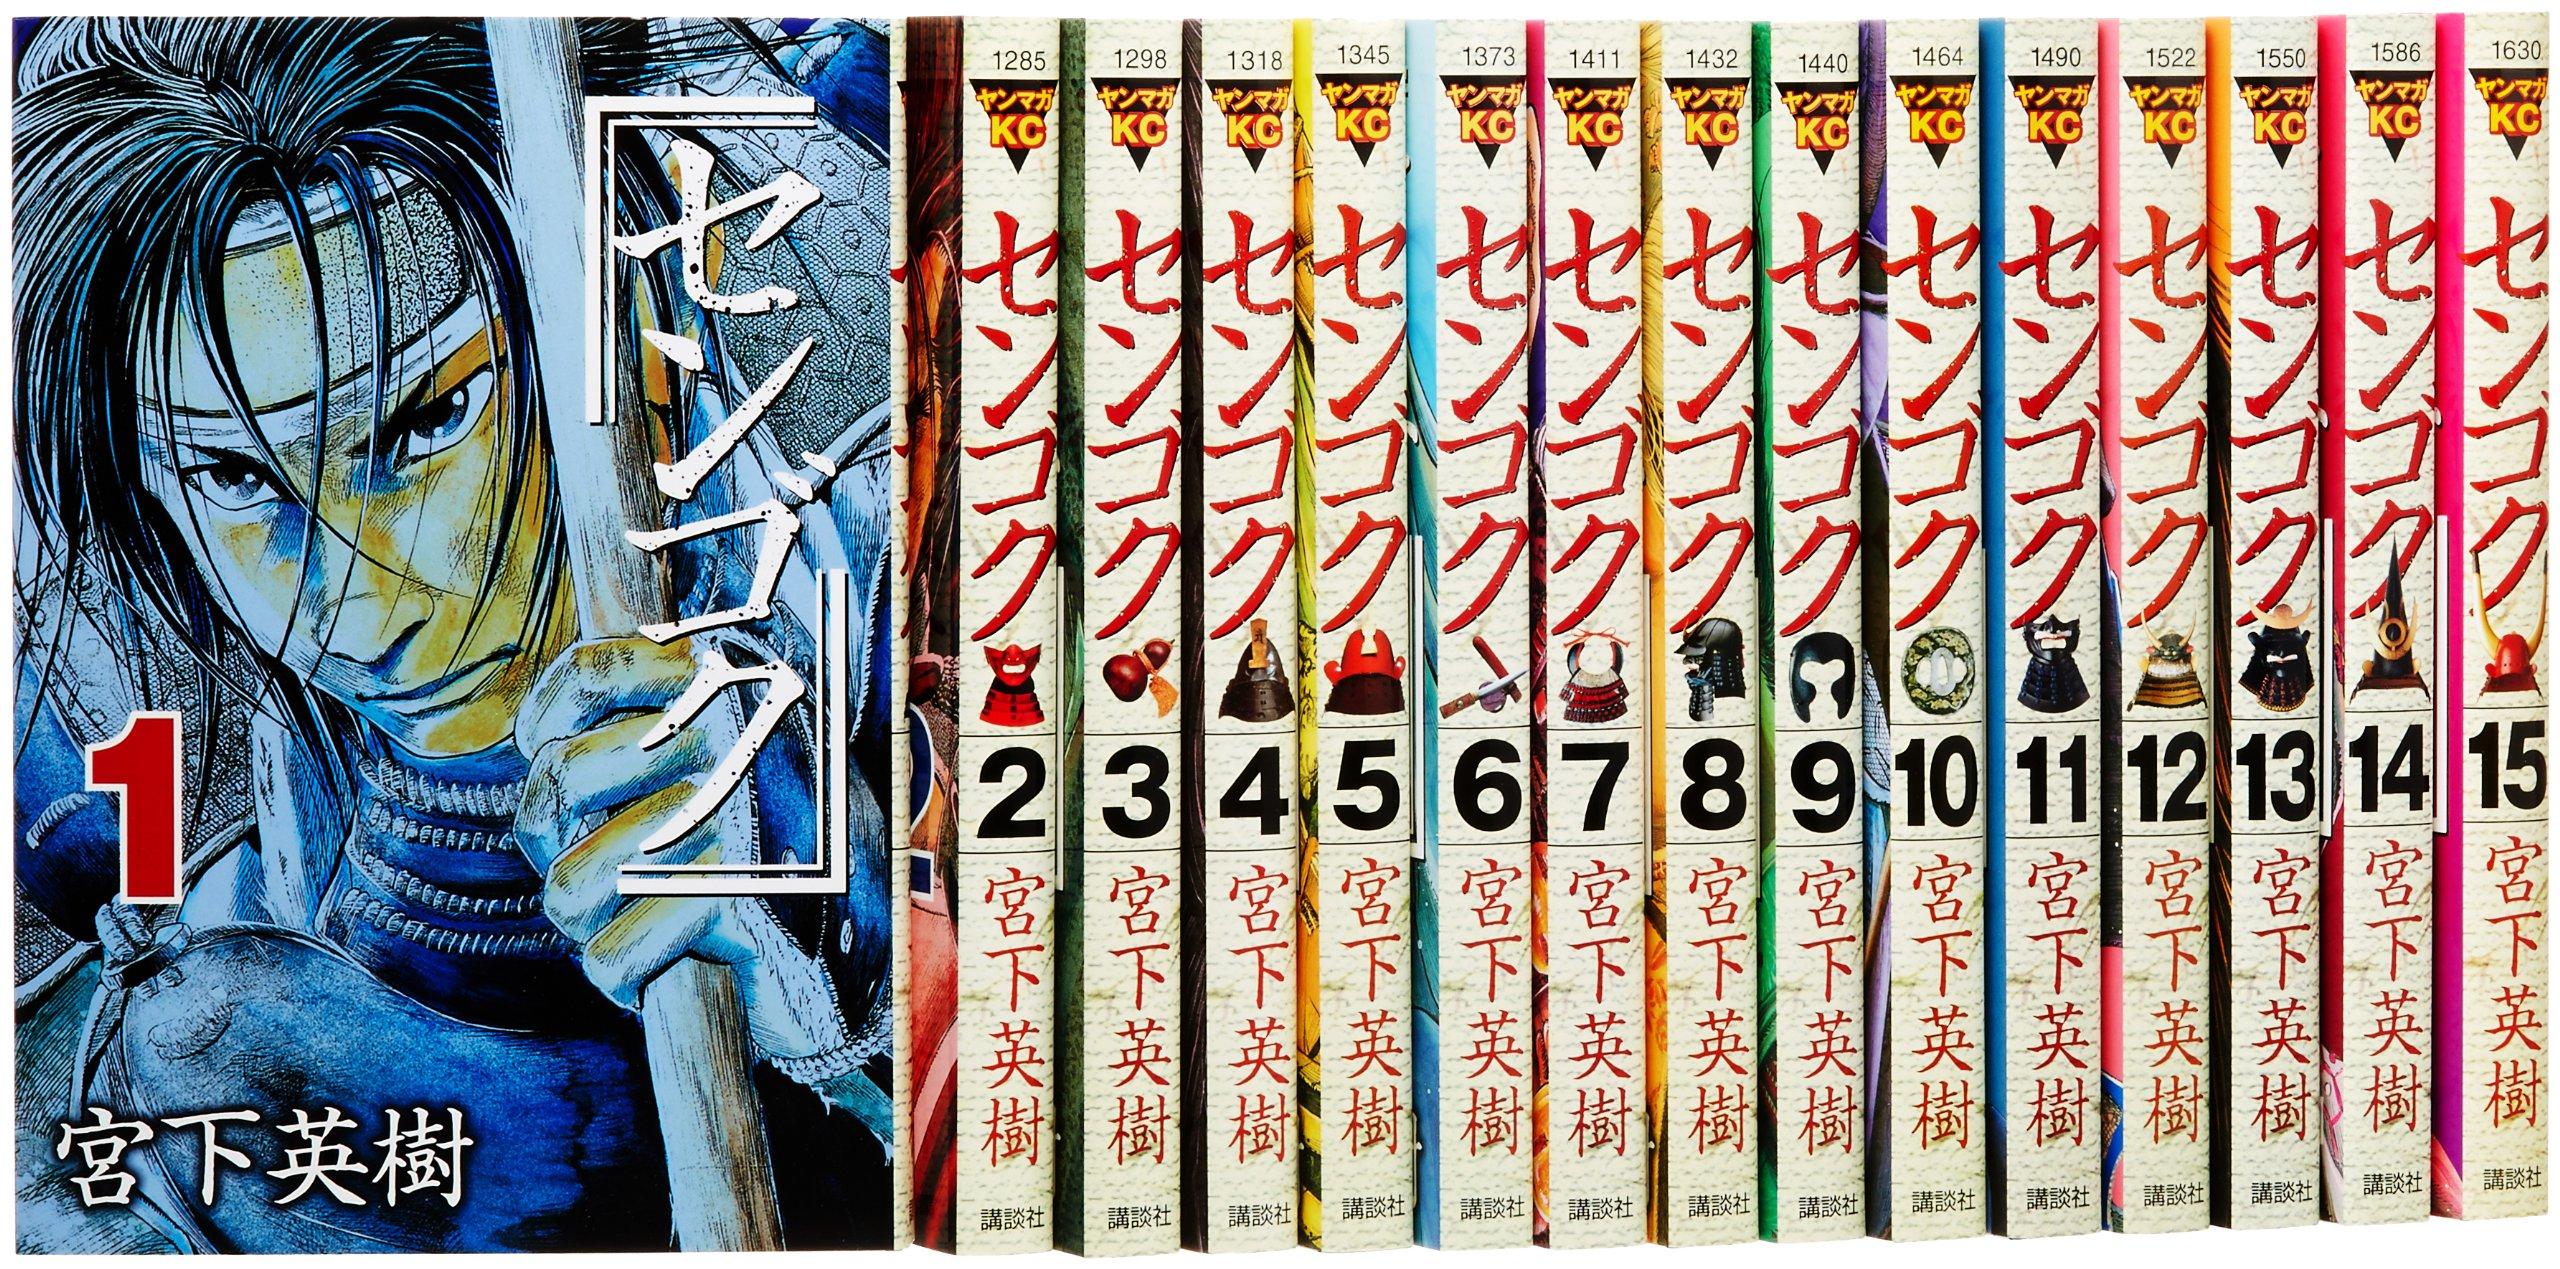 【漫画】 宮下英樹 <1〜15巻完結> センゴク天正記 【全巻セット】 【中古】